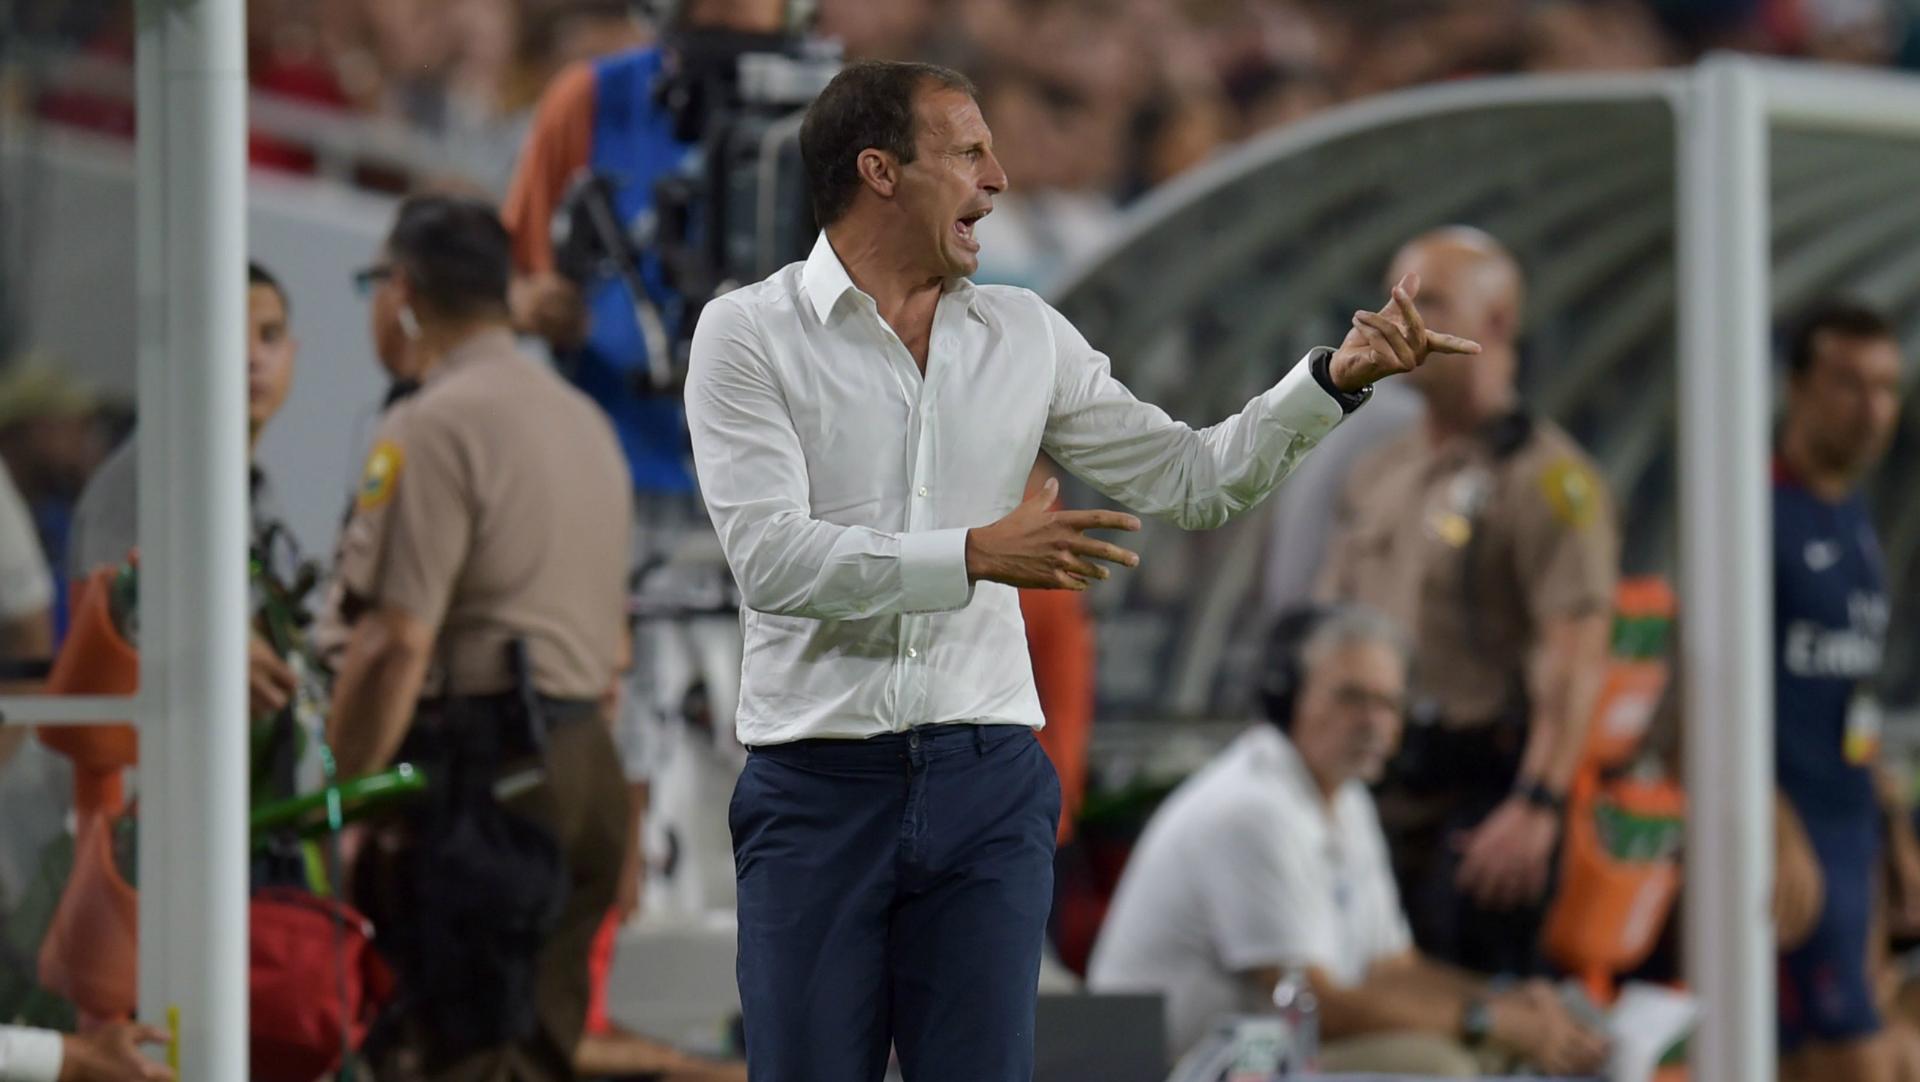 Ultima amichevole dei bianconeri negli Usa, Roma-Juve in diretta: 0-0